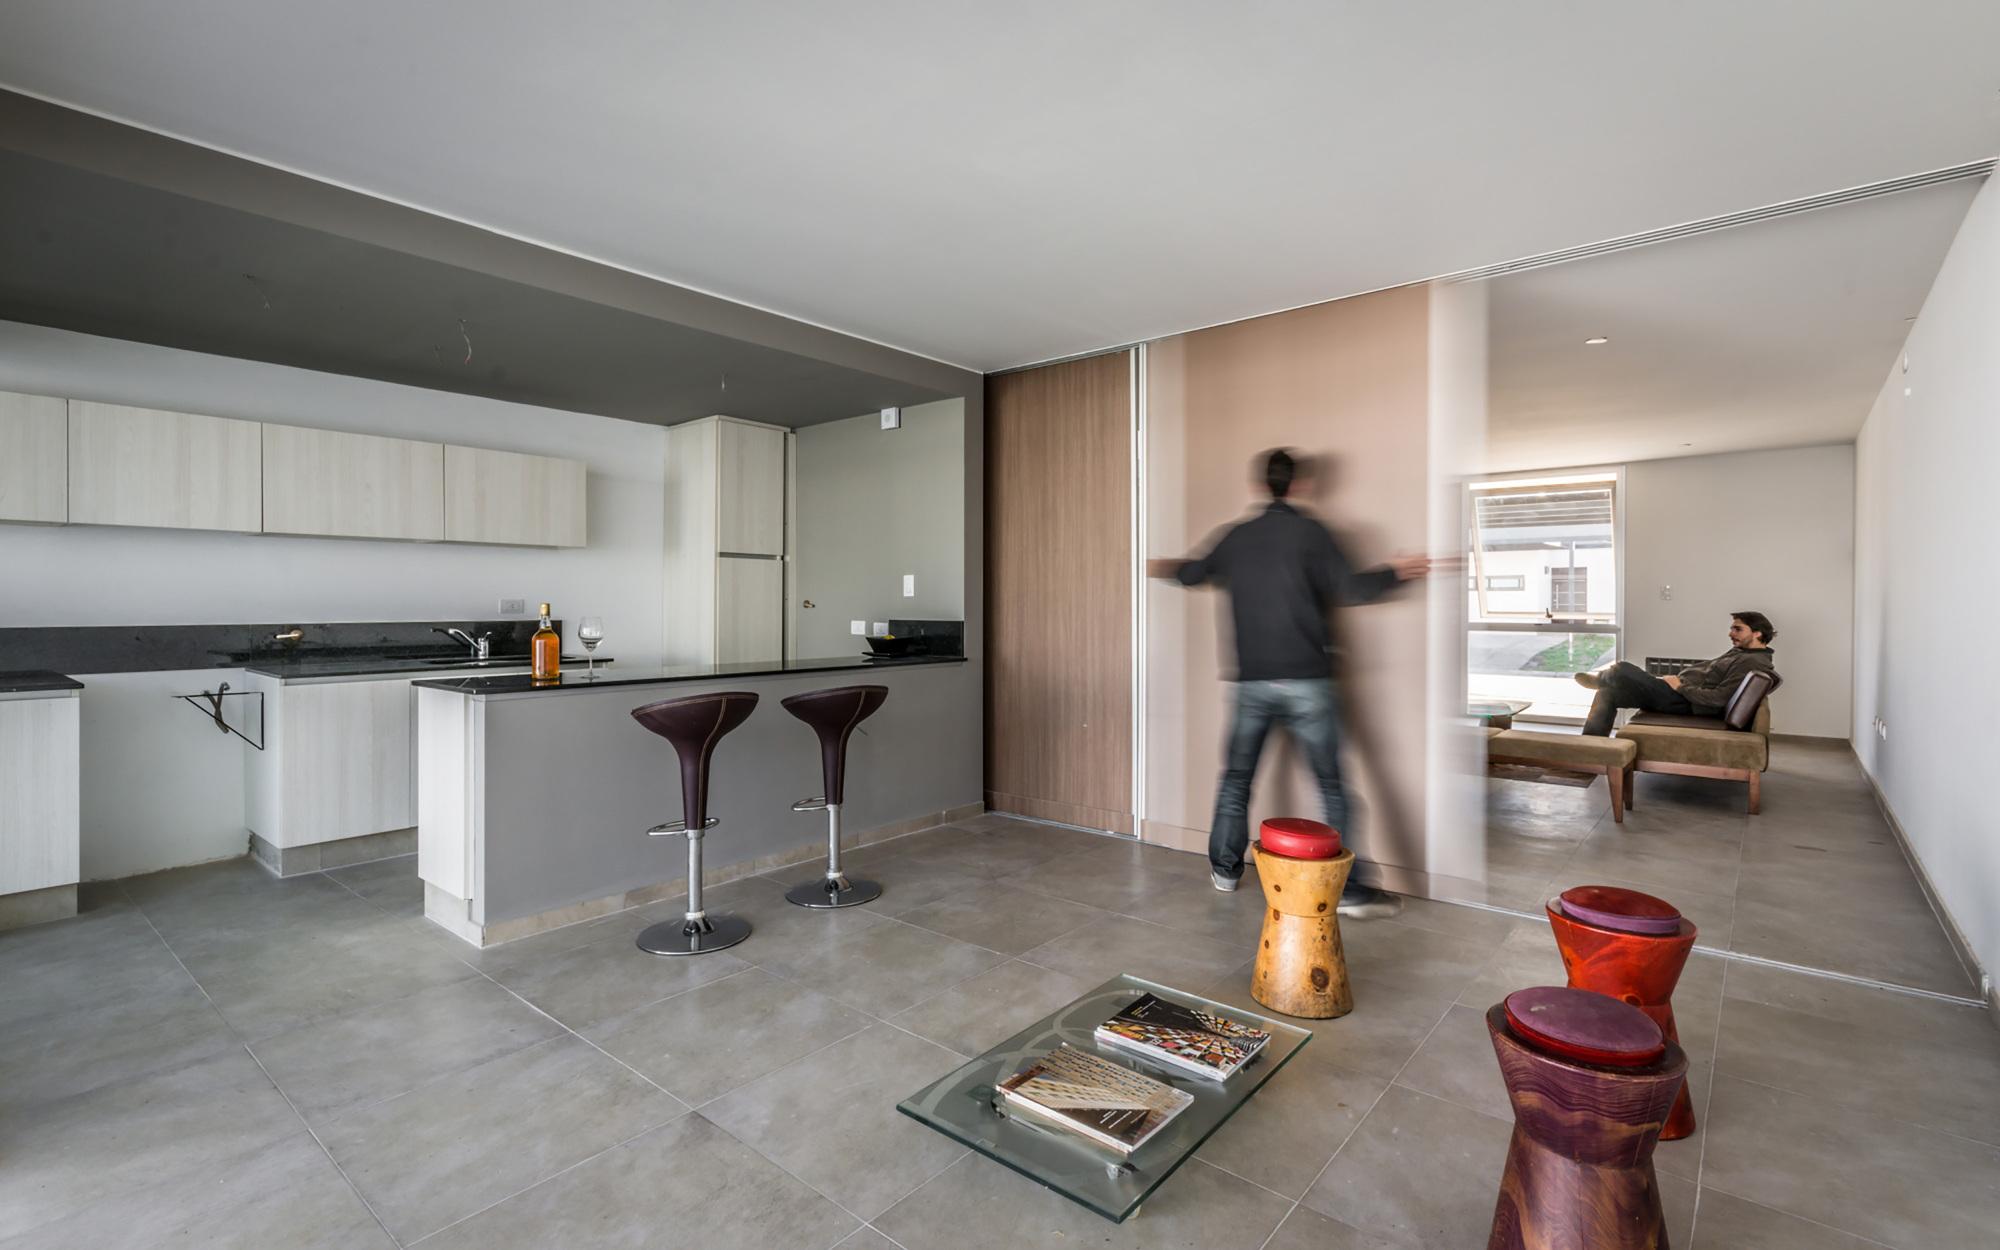 Galeria de casas geminadas estudio a 3 9 for Separation de cuisine en verre